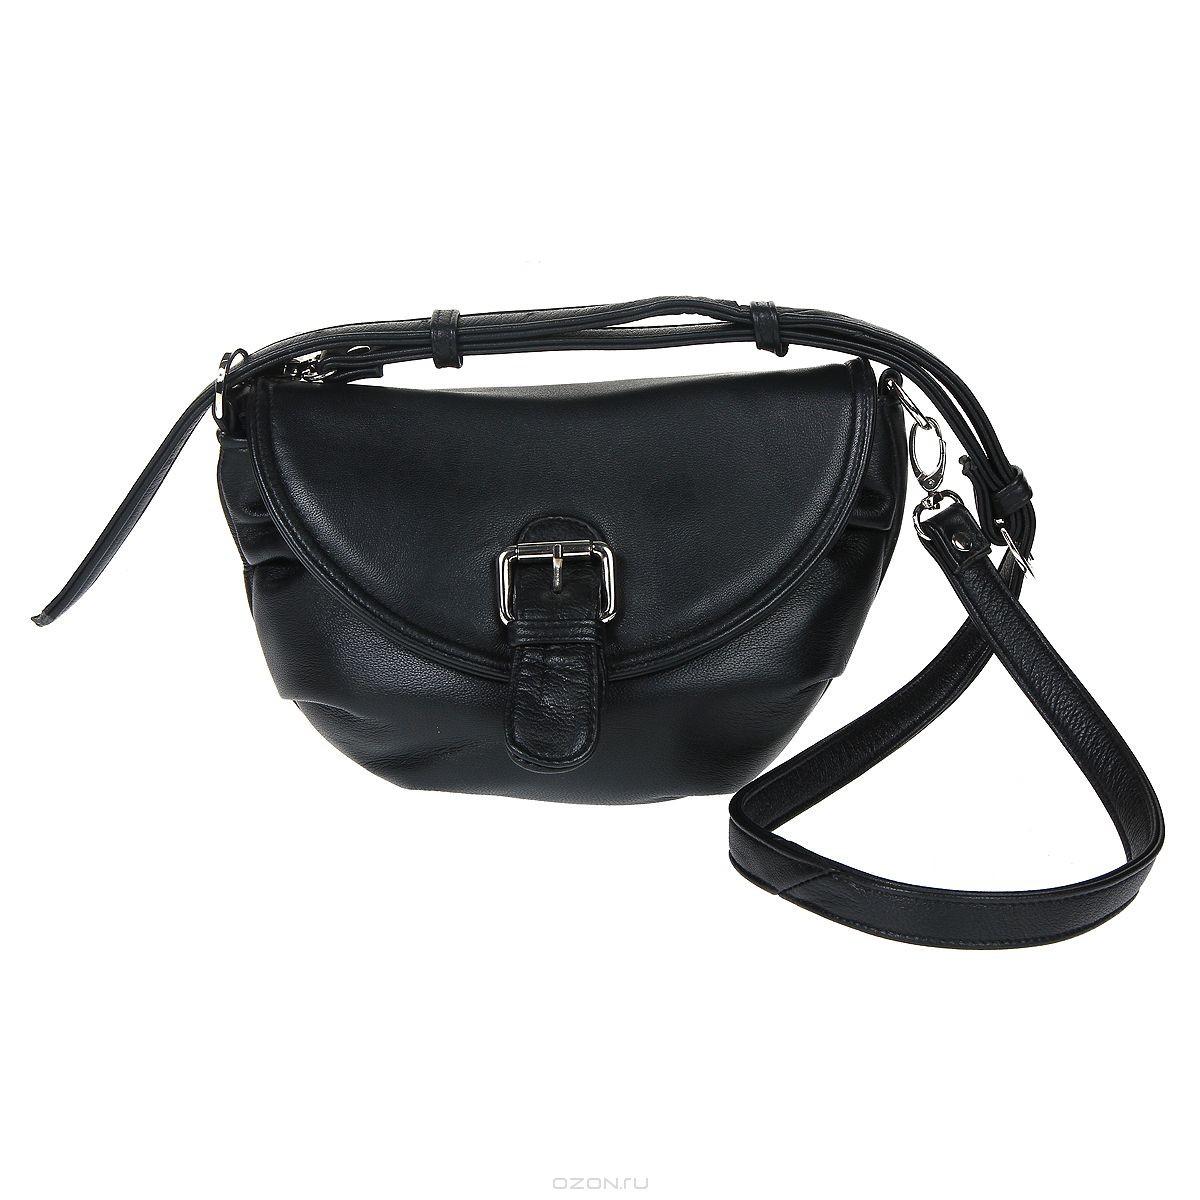 Женская сумка Cheri, цвет: черный